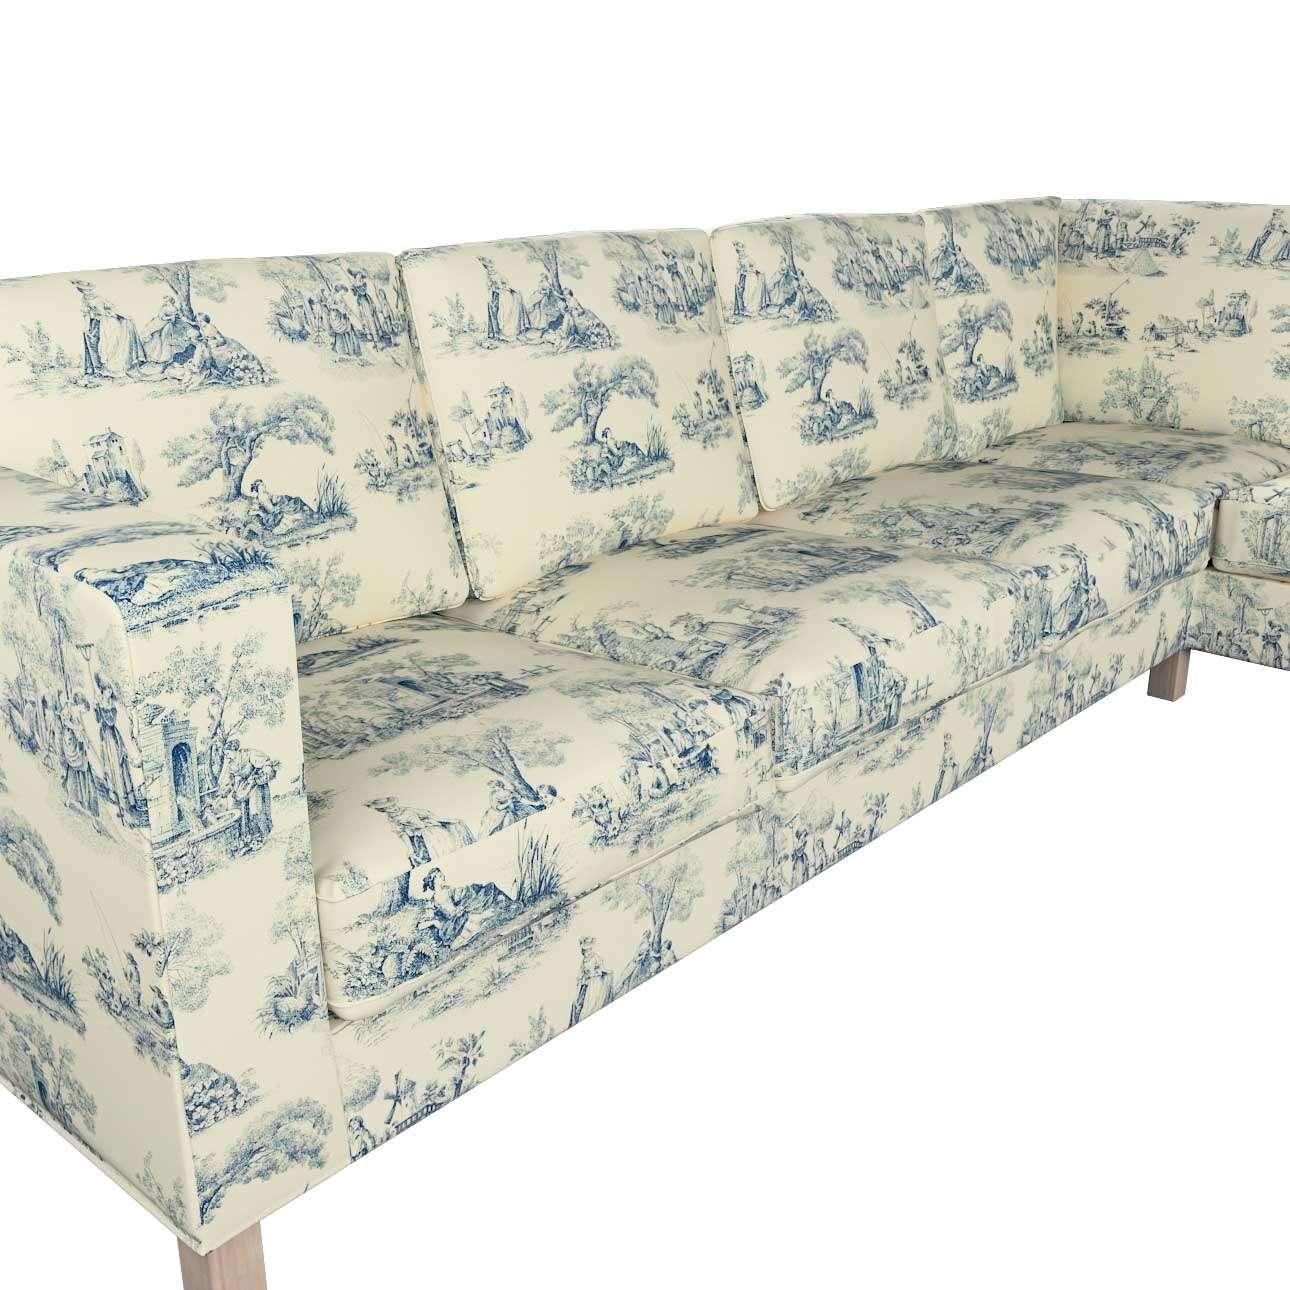 Pokrowiec na sofę narożną lewostronną Karlanda w kolekcji Avinon, tkanina: 132-66